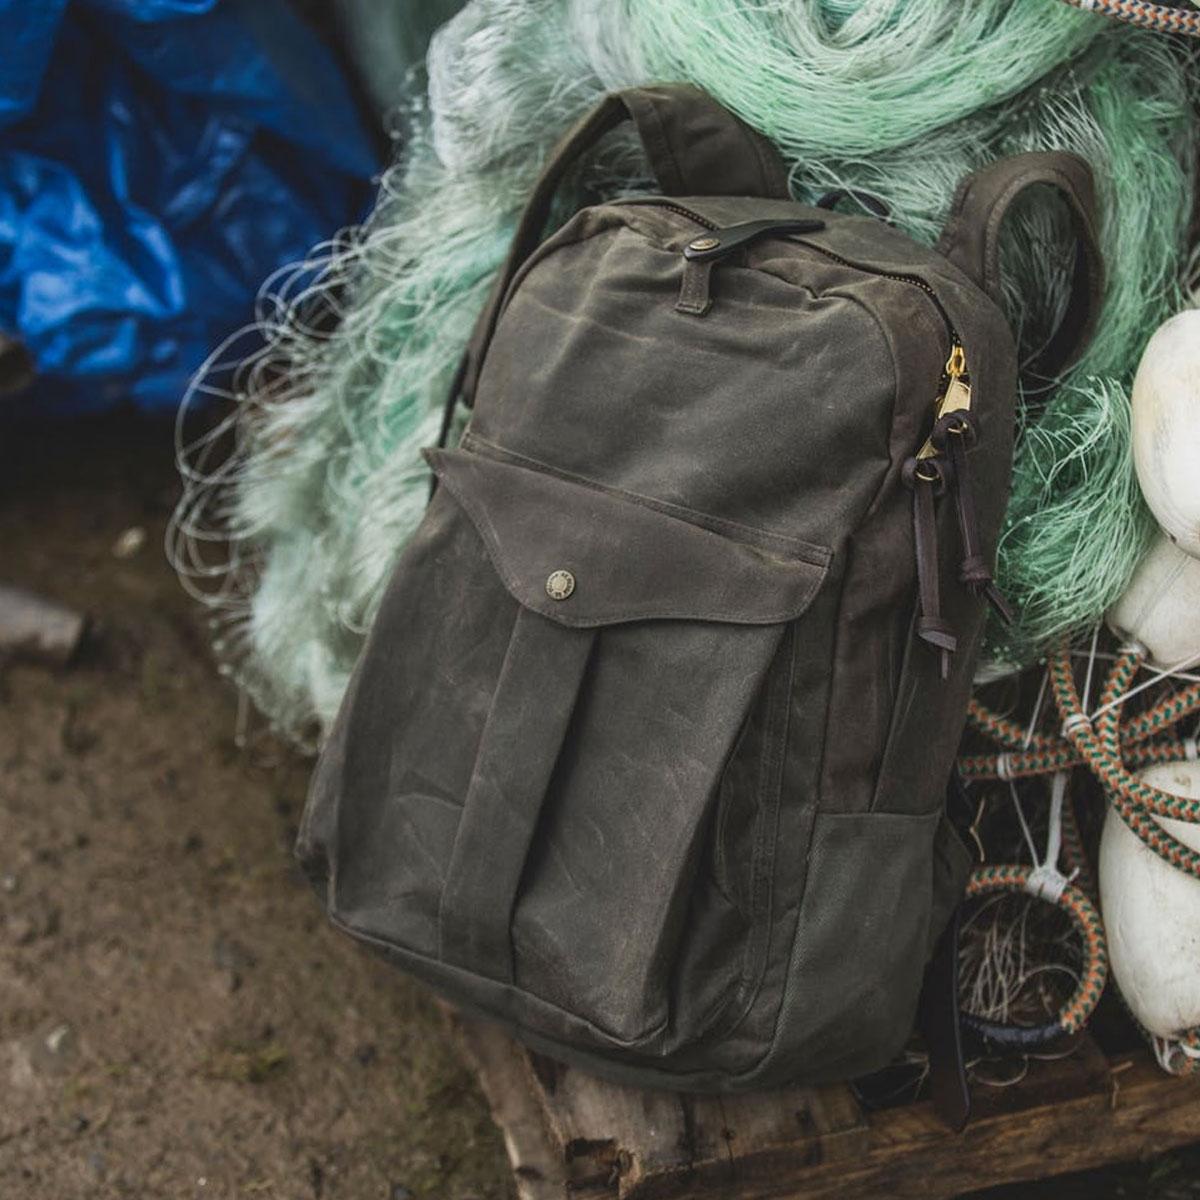 Filson Journeyman Backpack 11070307 Otter Green, lifestyle